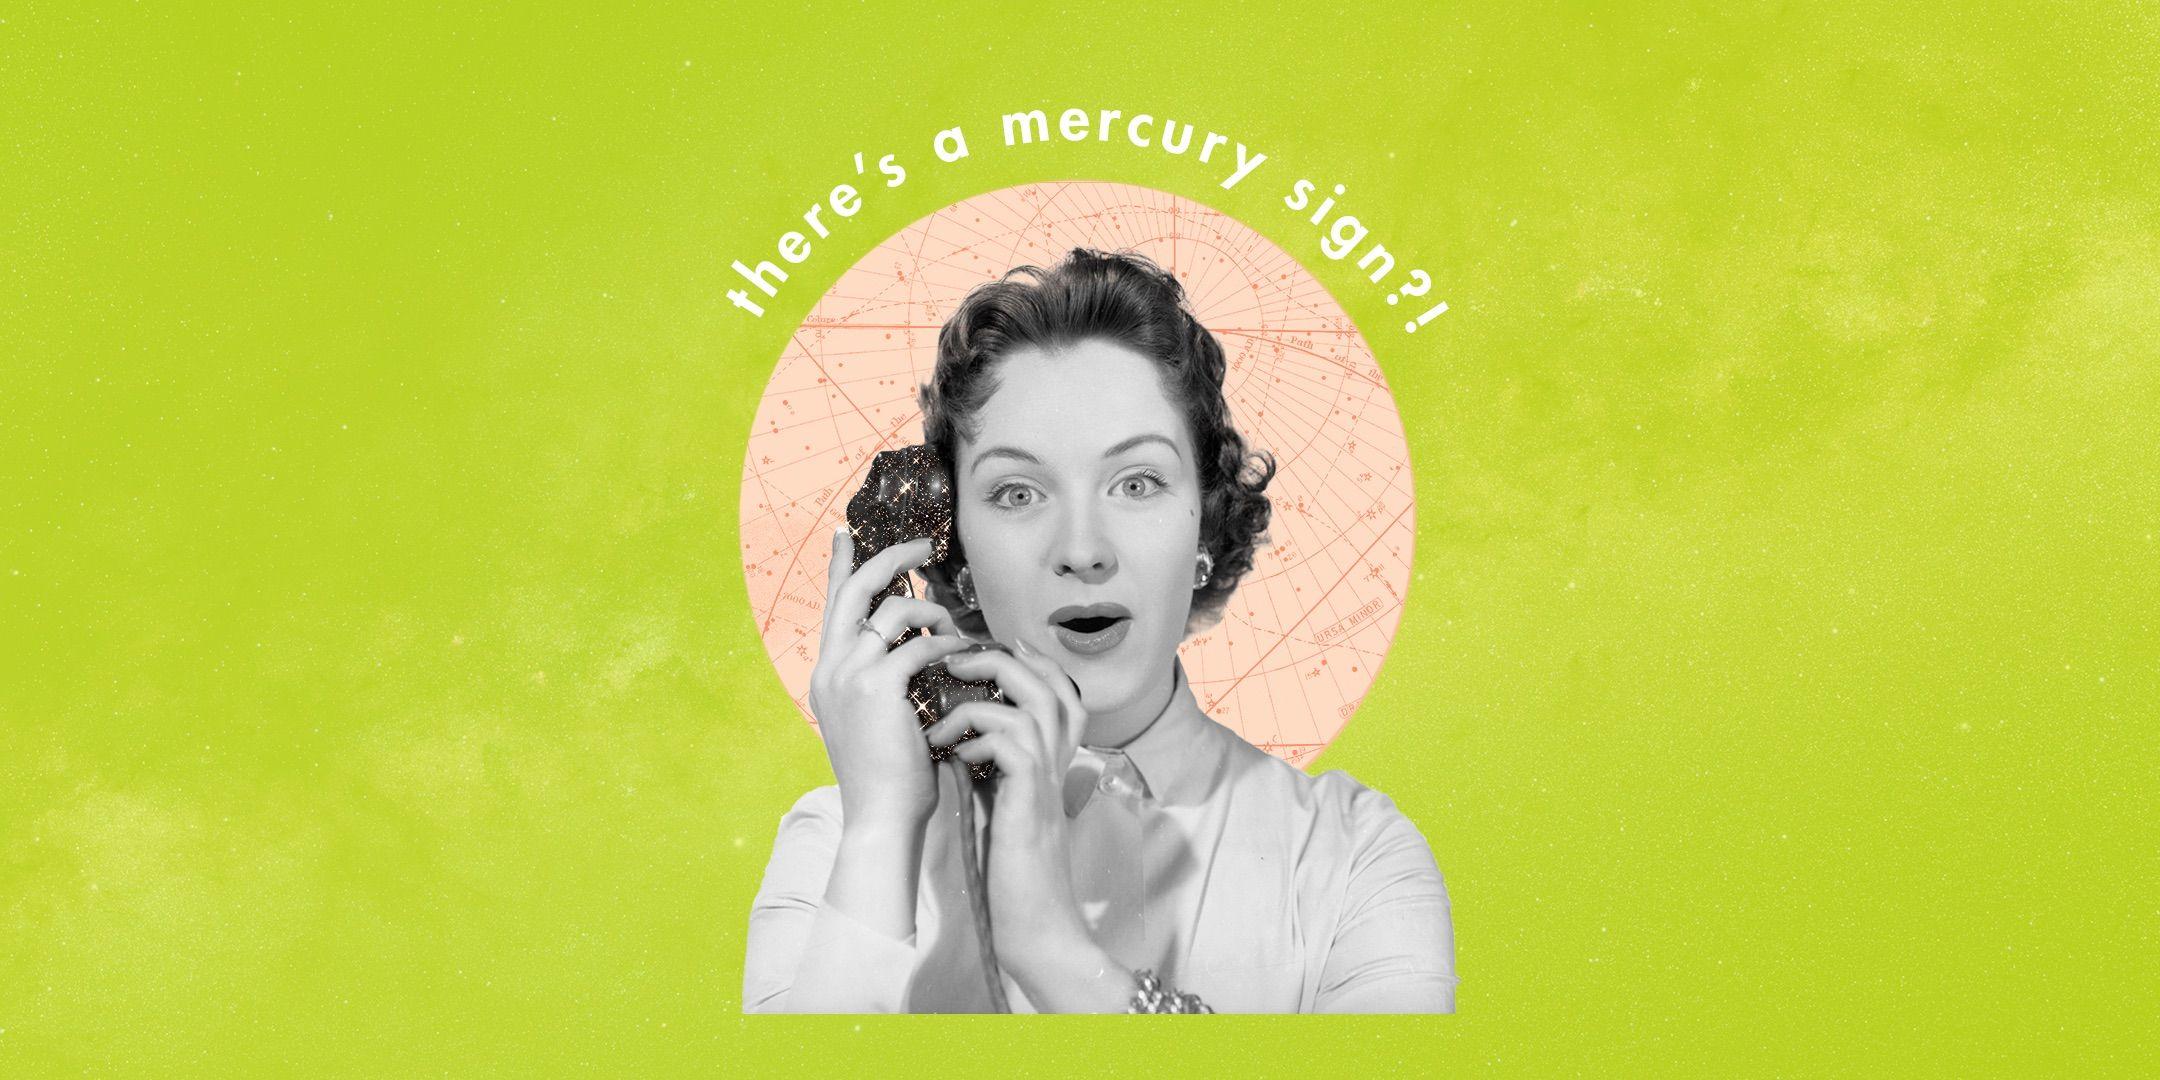 ¿Qué significa su signo de mercurio en astrología? Cómo encontrar el tuyo 18